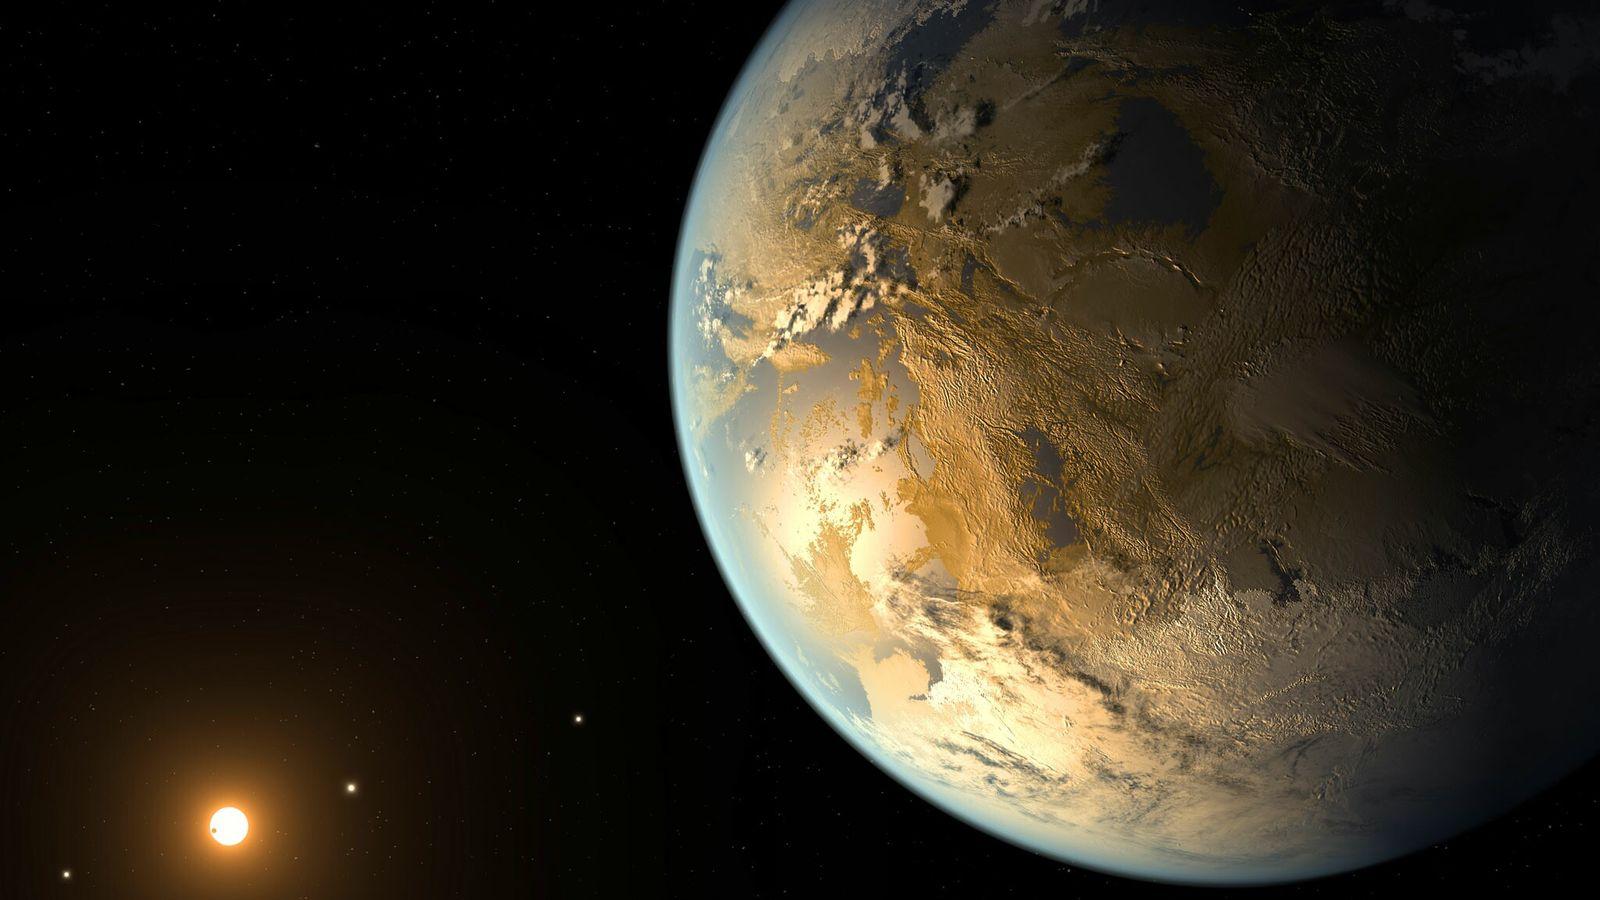 Diese künstlerische Darstellung zeigt Kepler-186f, den ersten bestätigten Planeten in Erdgröße, der einen entfernten Stern in ...